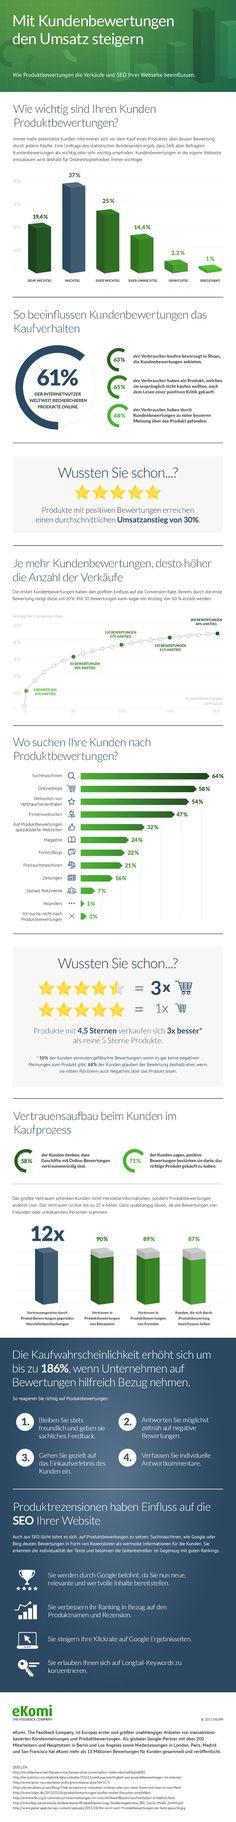 Infografik – Mit Kundenbewertungen den Umsatz steigern by eKomi